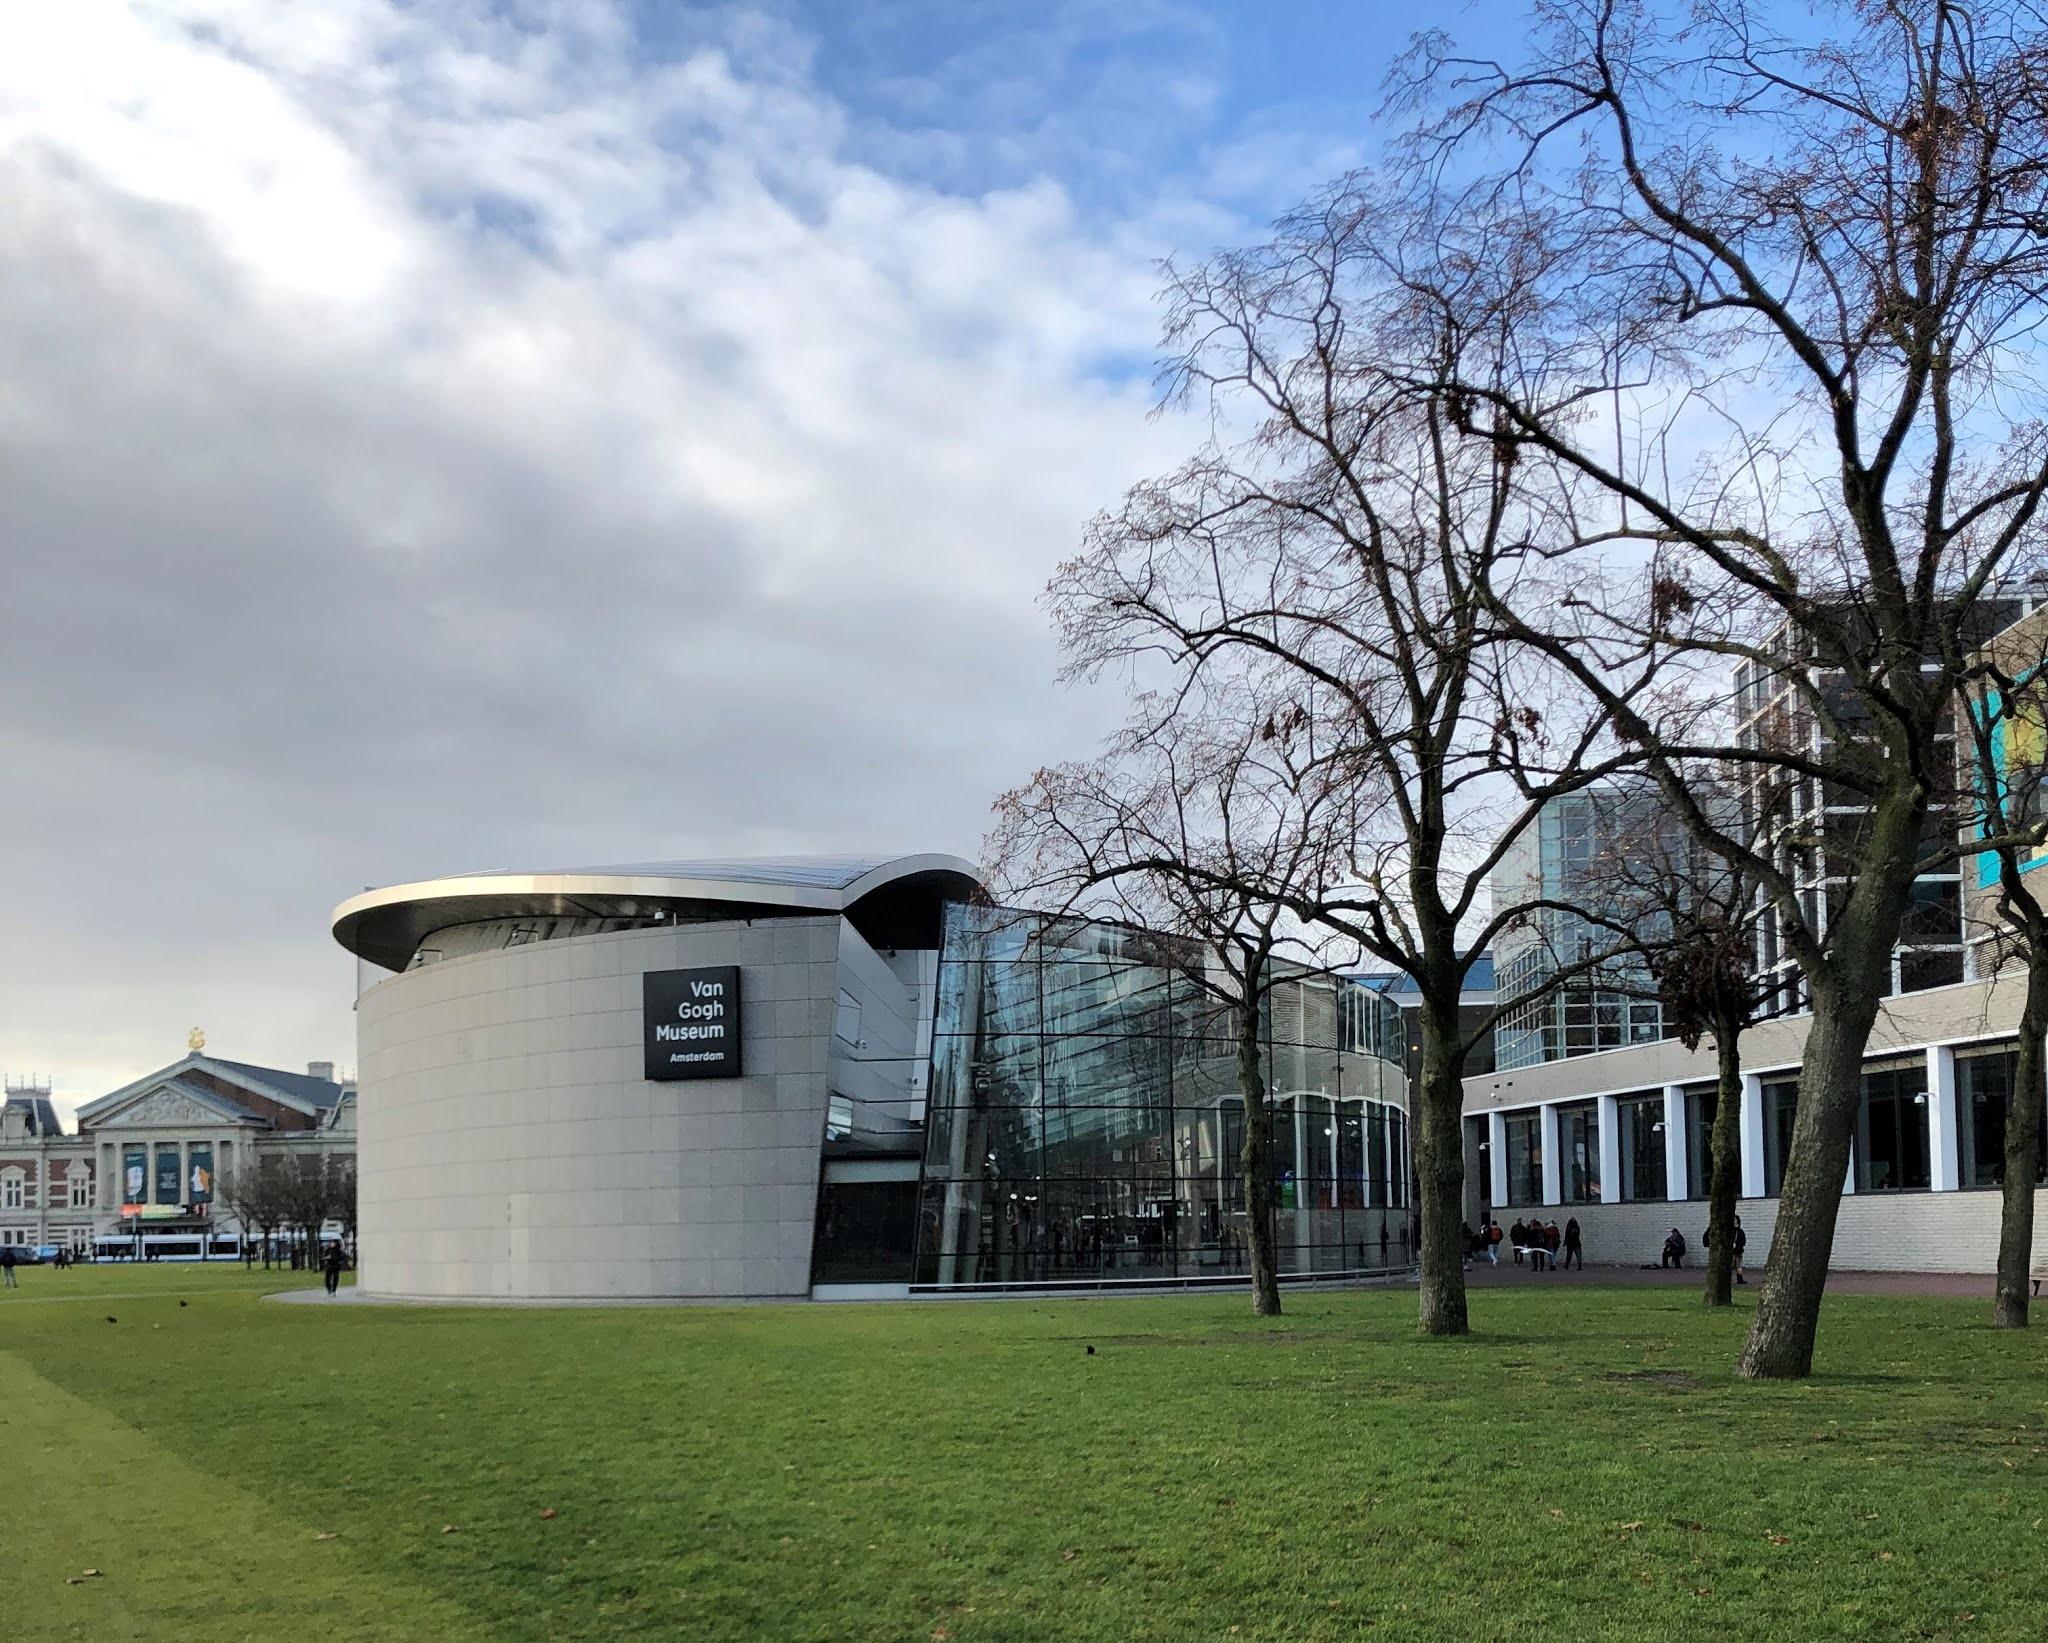 متحف فان غوخ في امستردام..عبقرية الفنان الجميل